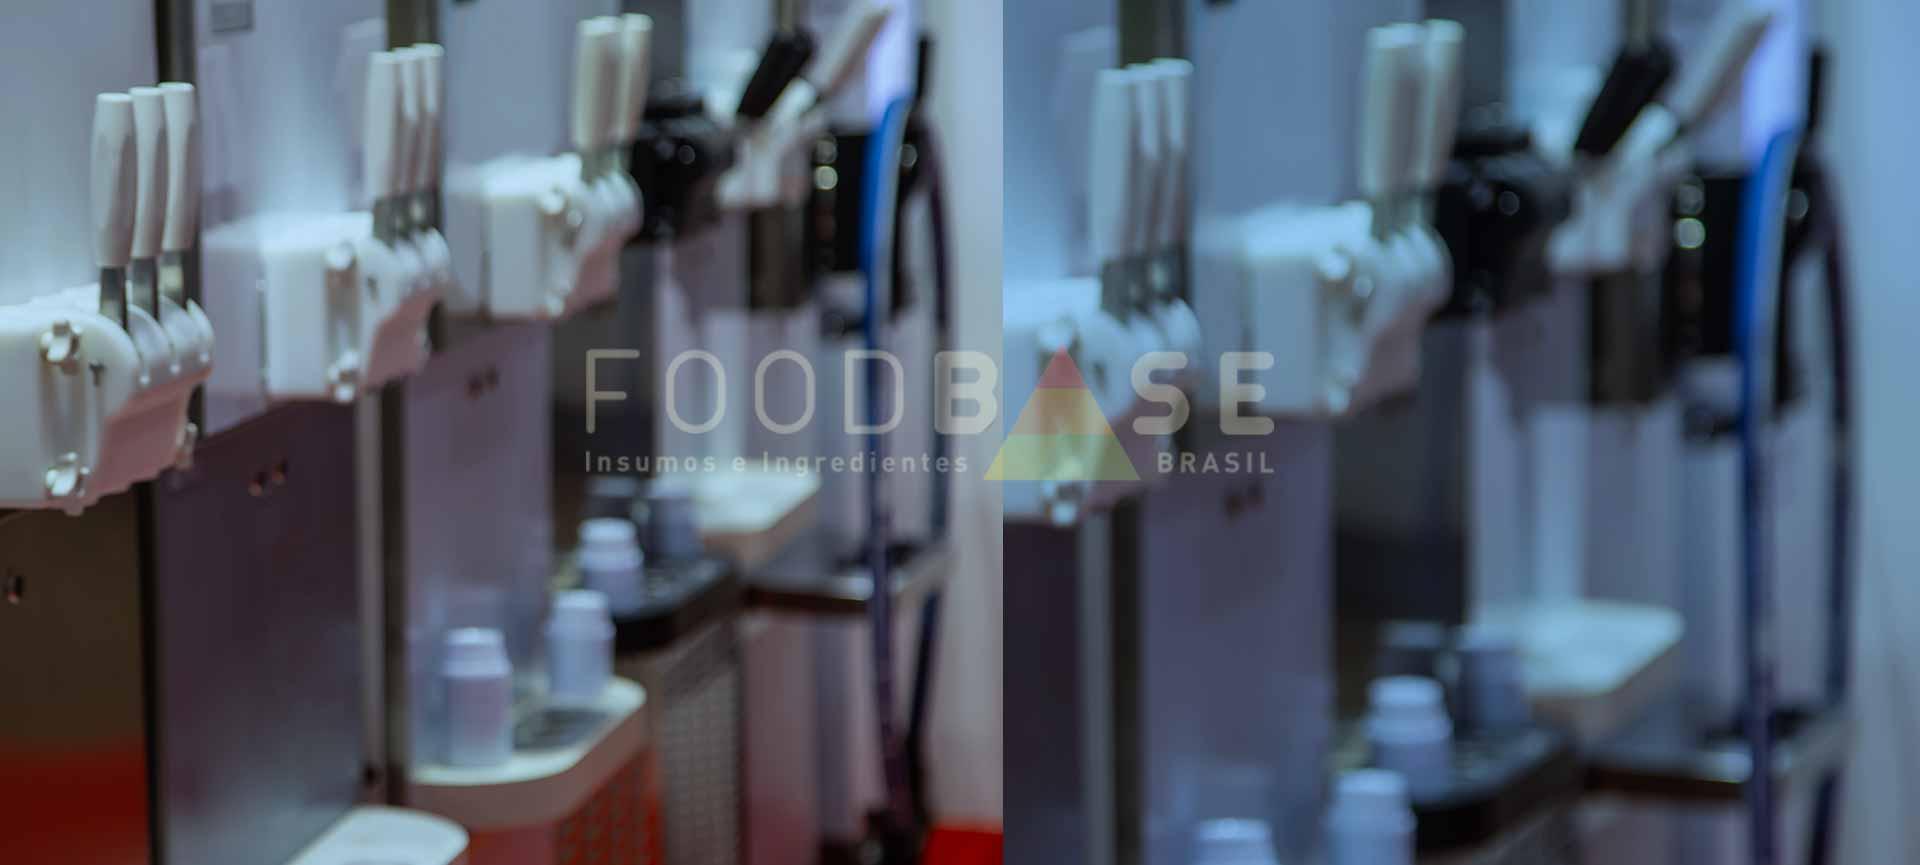 Foodbase - Máquinas e equipamentos para sorveterias